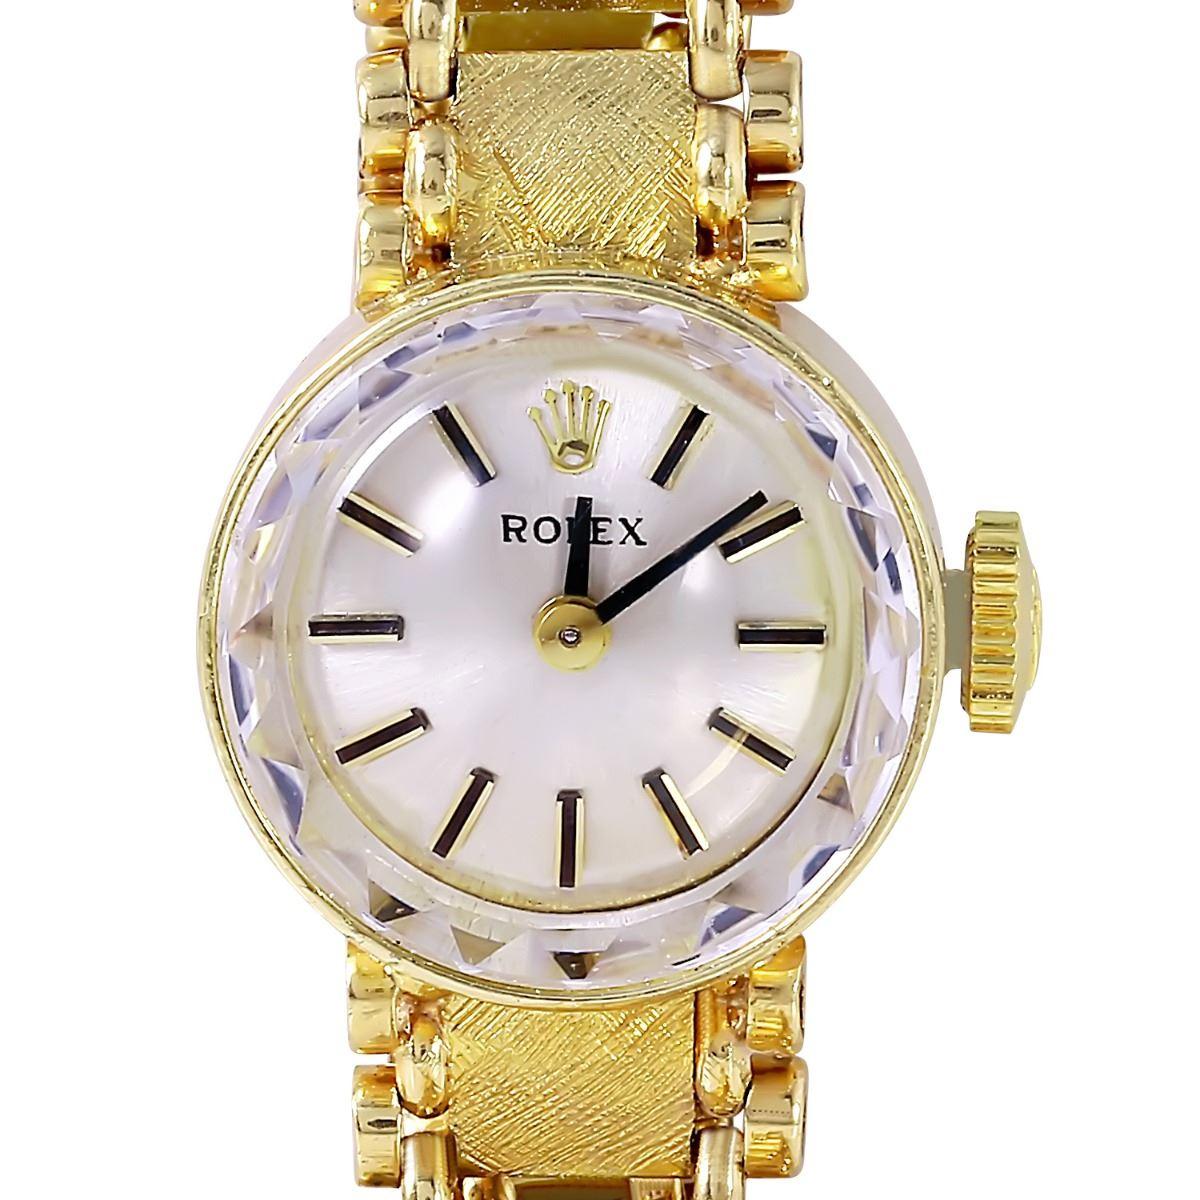 11dc11bfb8586 Image 1 : Rolex Ref.2604 14KT Yellow Gold Vintage Watch -# 106 ...